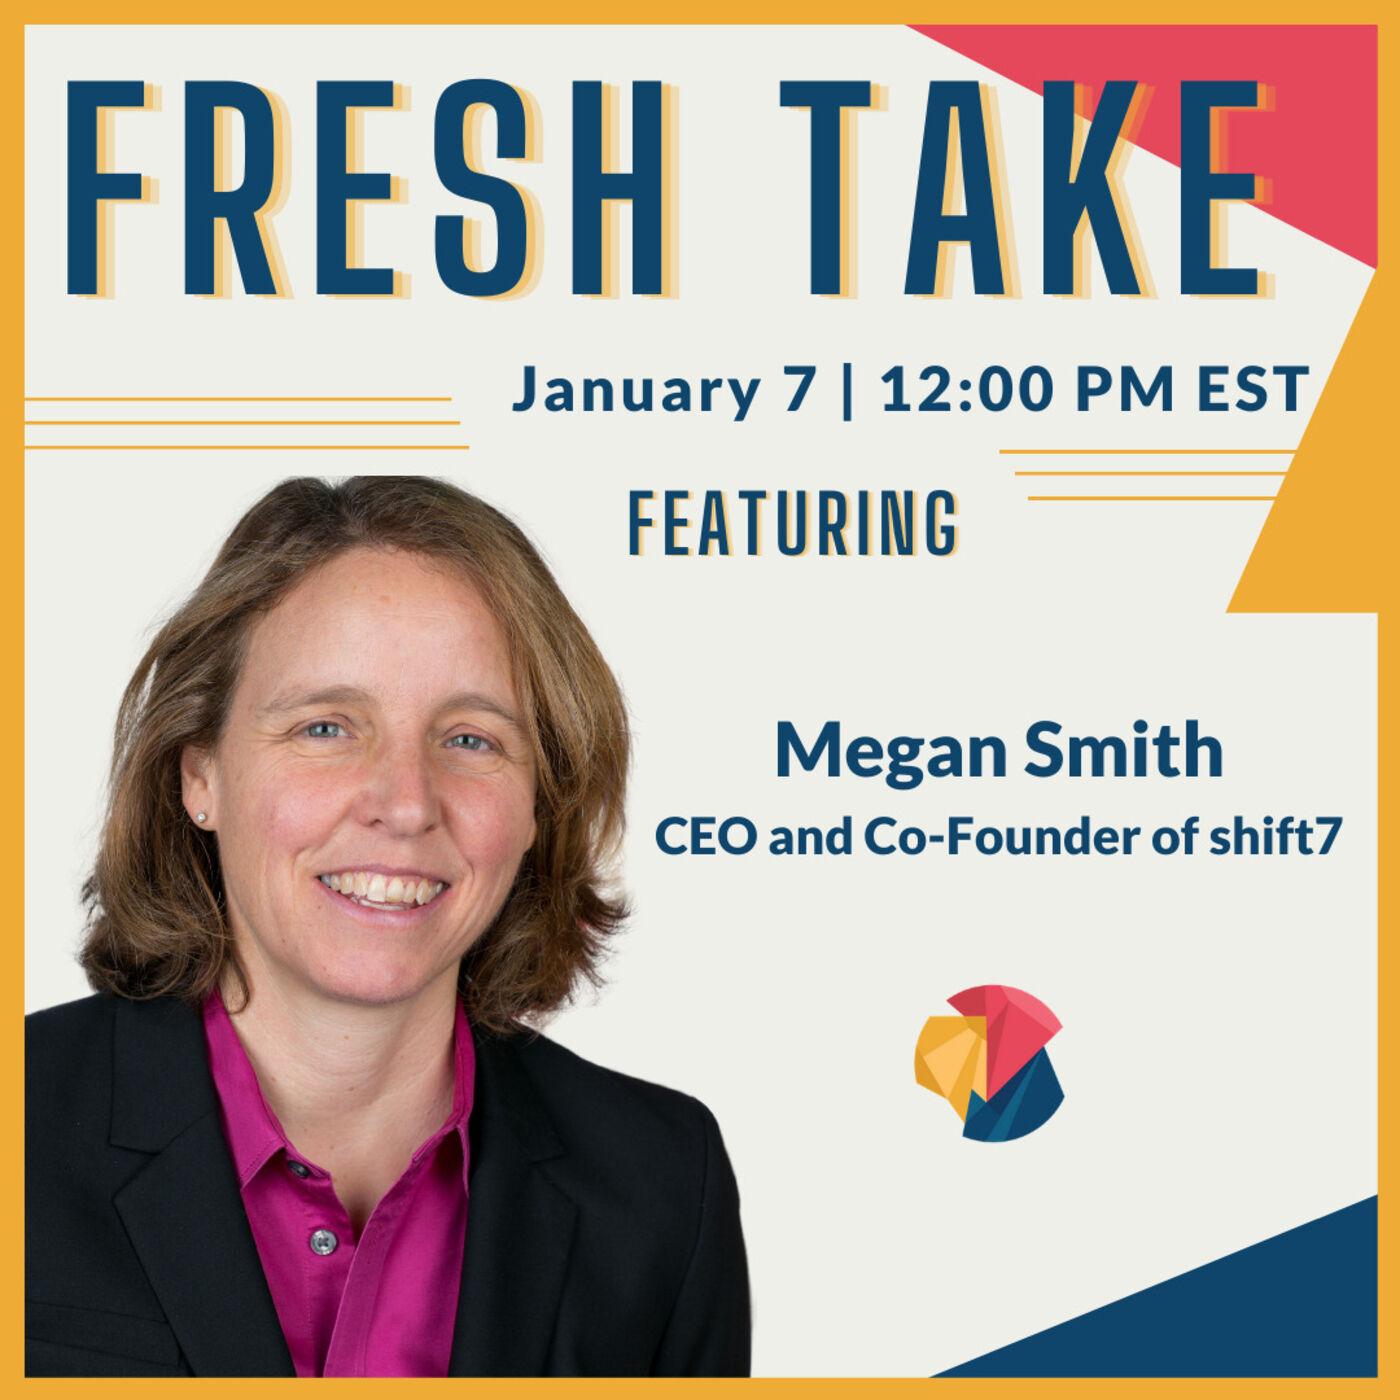 Fresh Take ft. Megan Smith